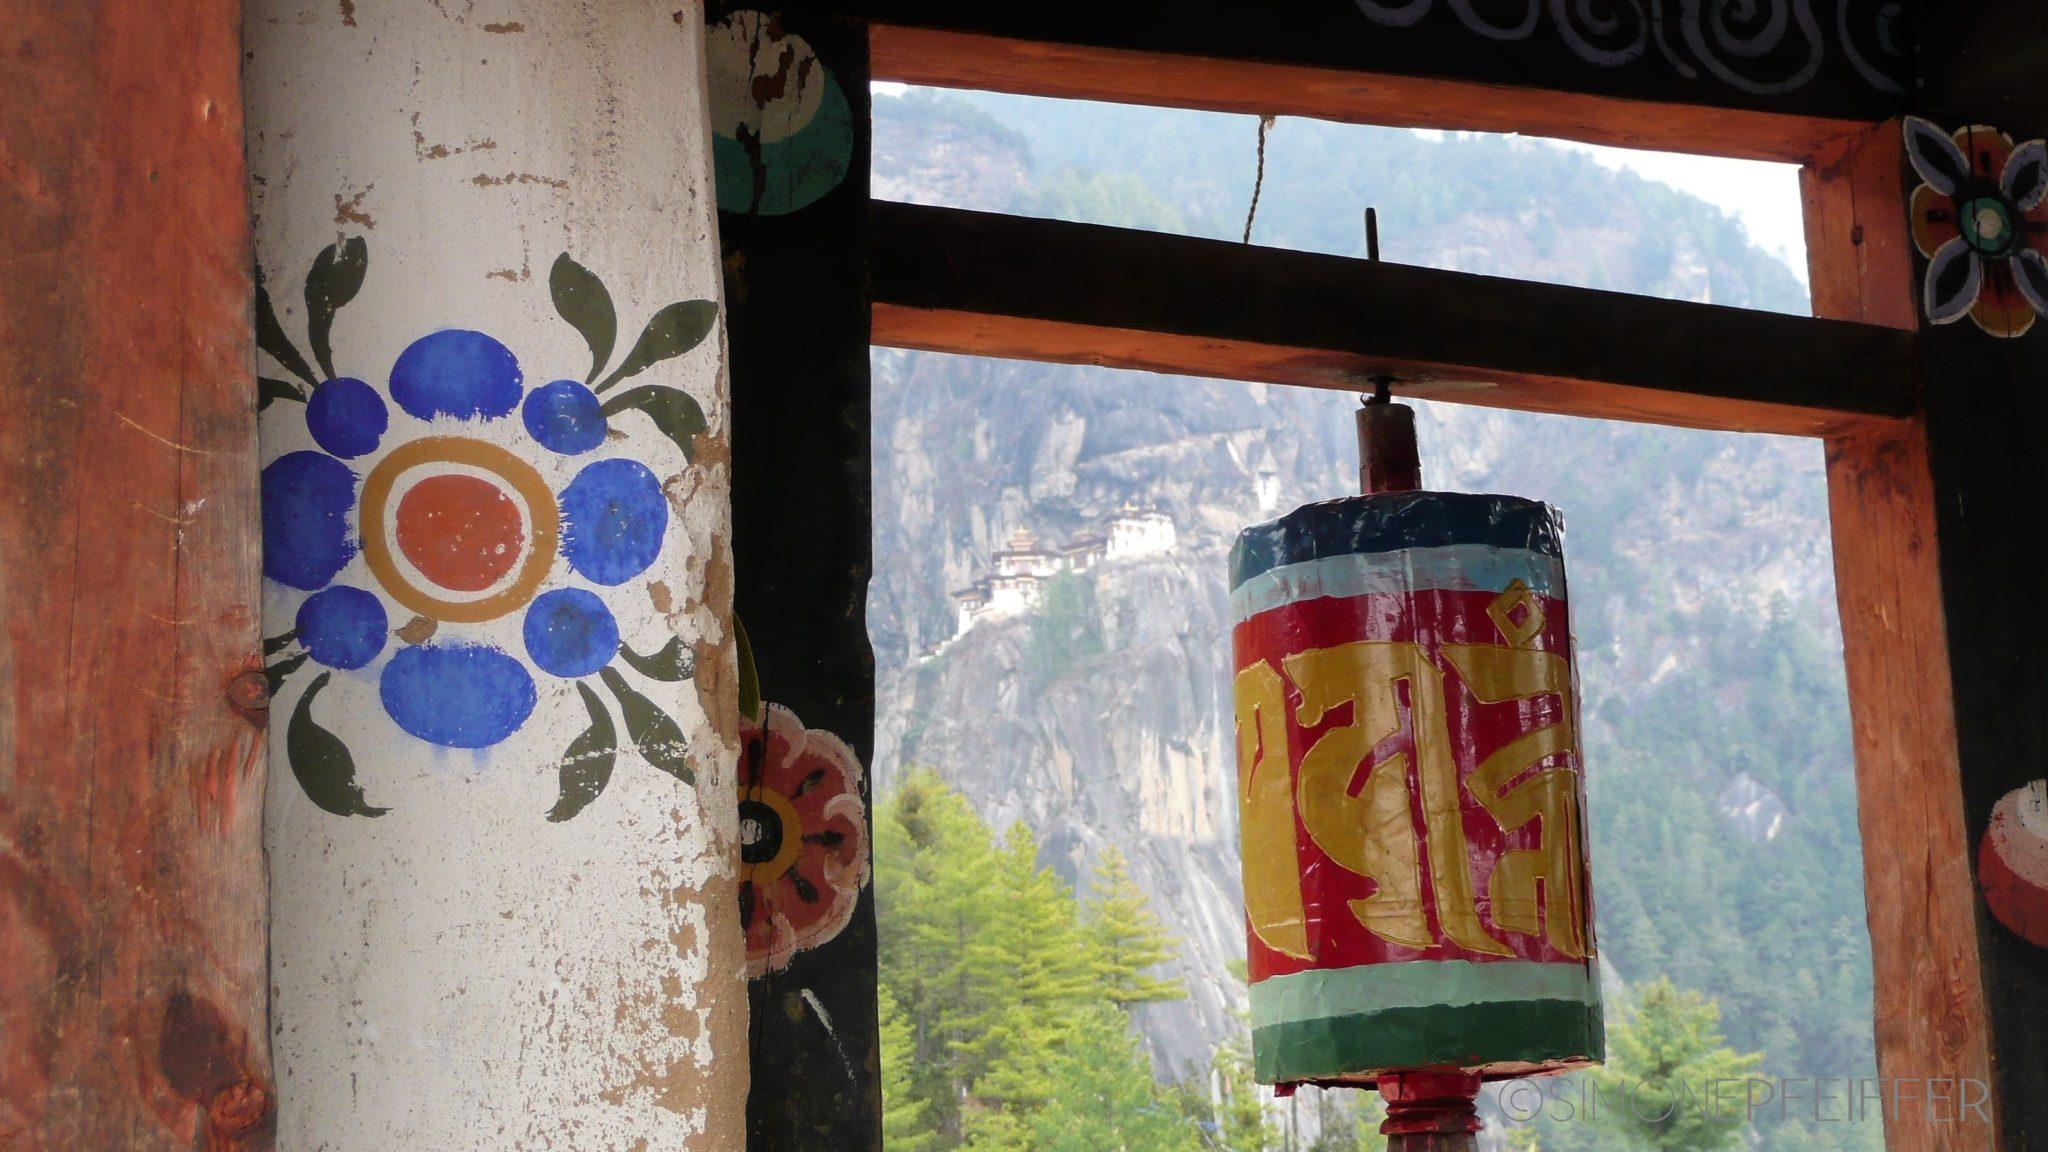 Erkundungsreisen in Asien und Afrika - To Bhutan - Kingdom in the Himalayas